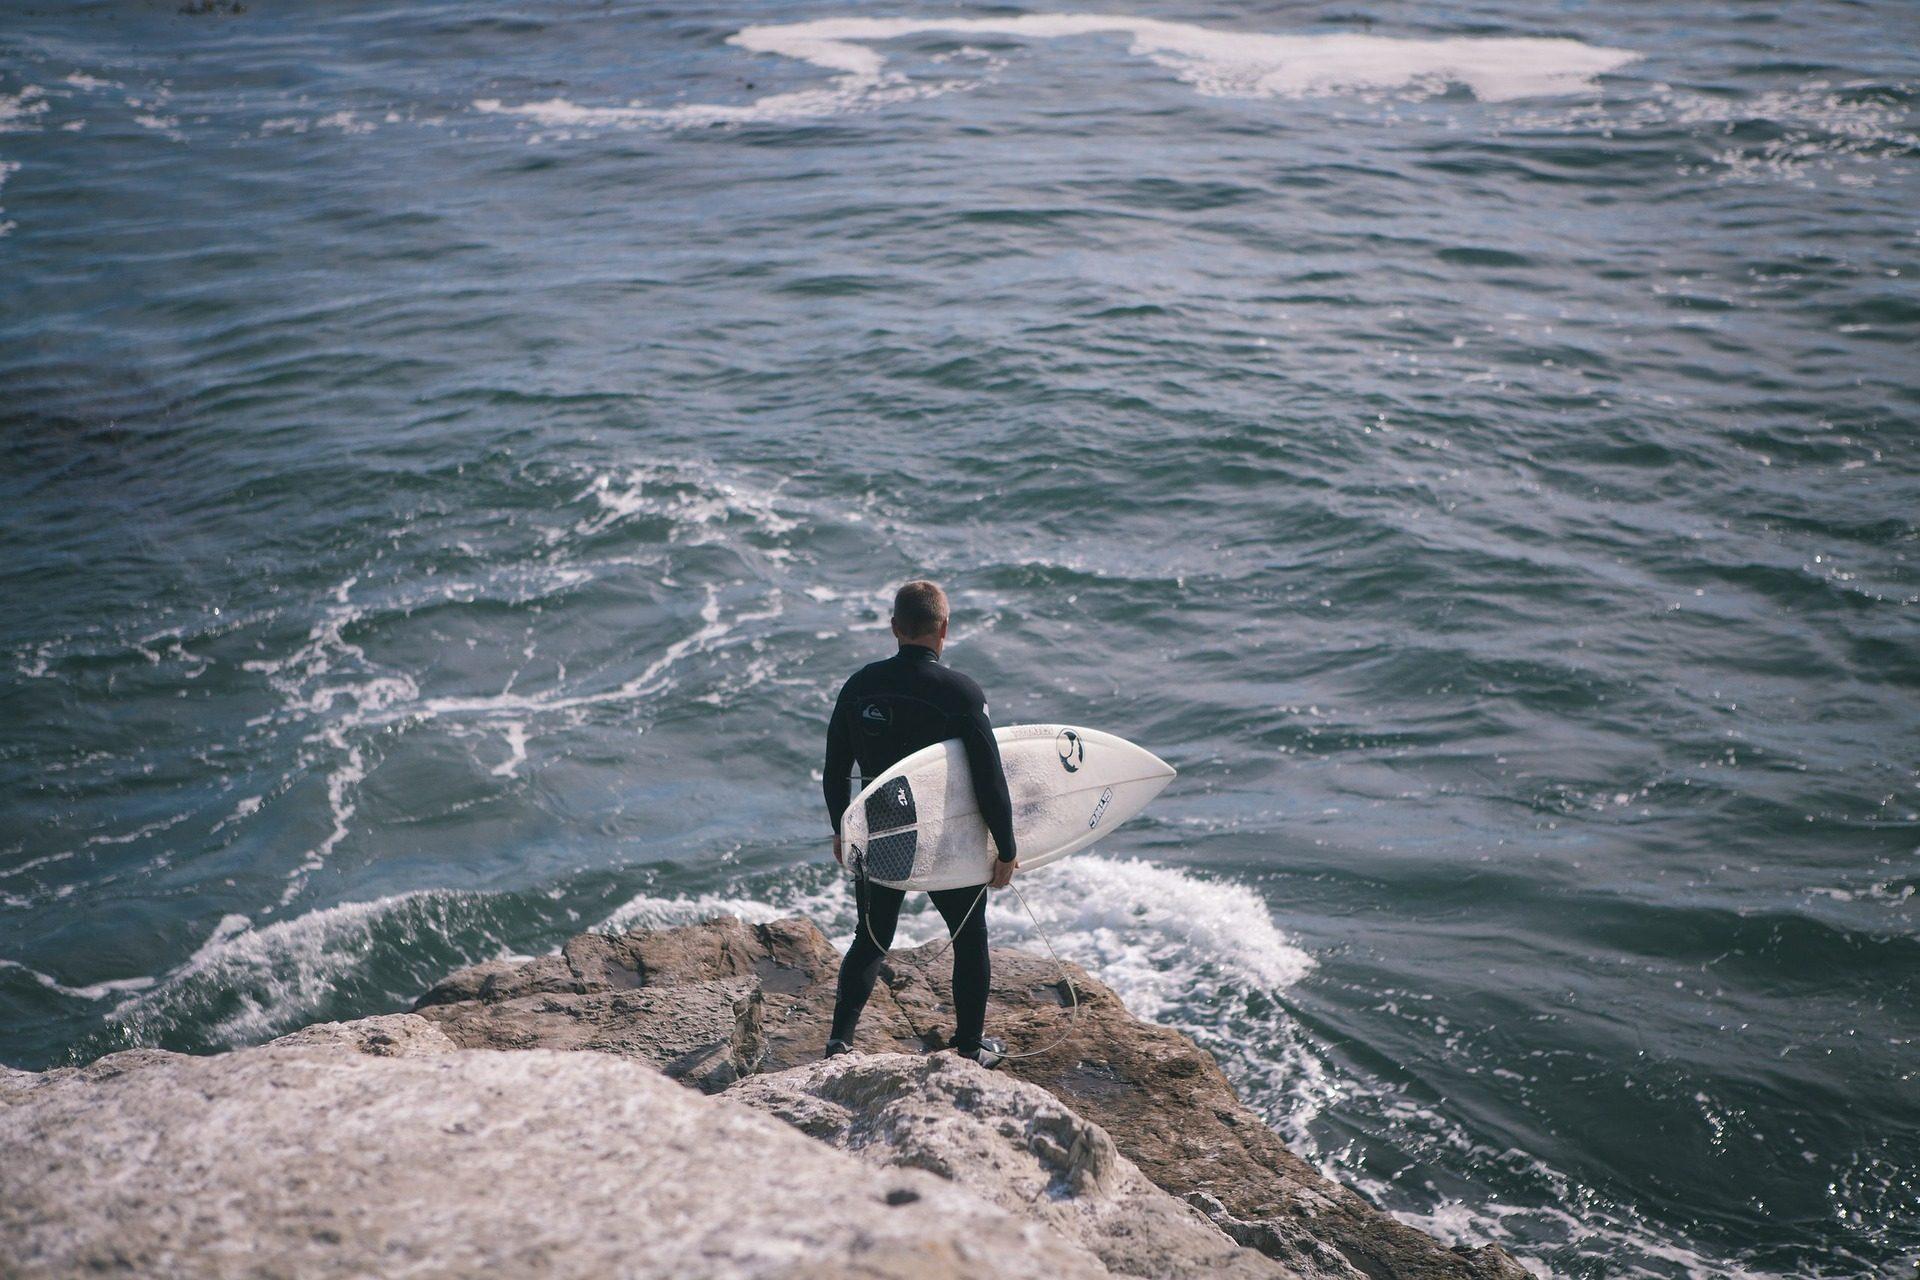 सागर, Rocas, आदमी, surfer, सर्फ, तालिका - HD वॉलपेपर - प्रोफेसर-falken.com